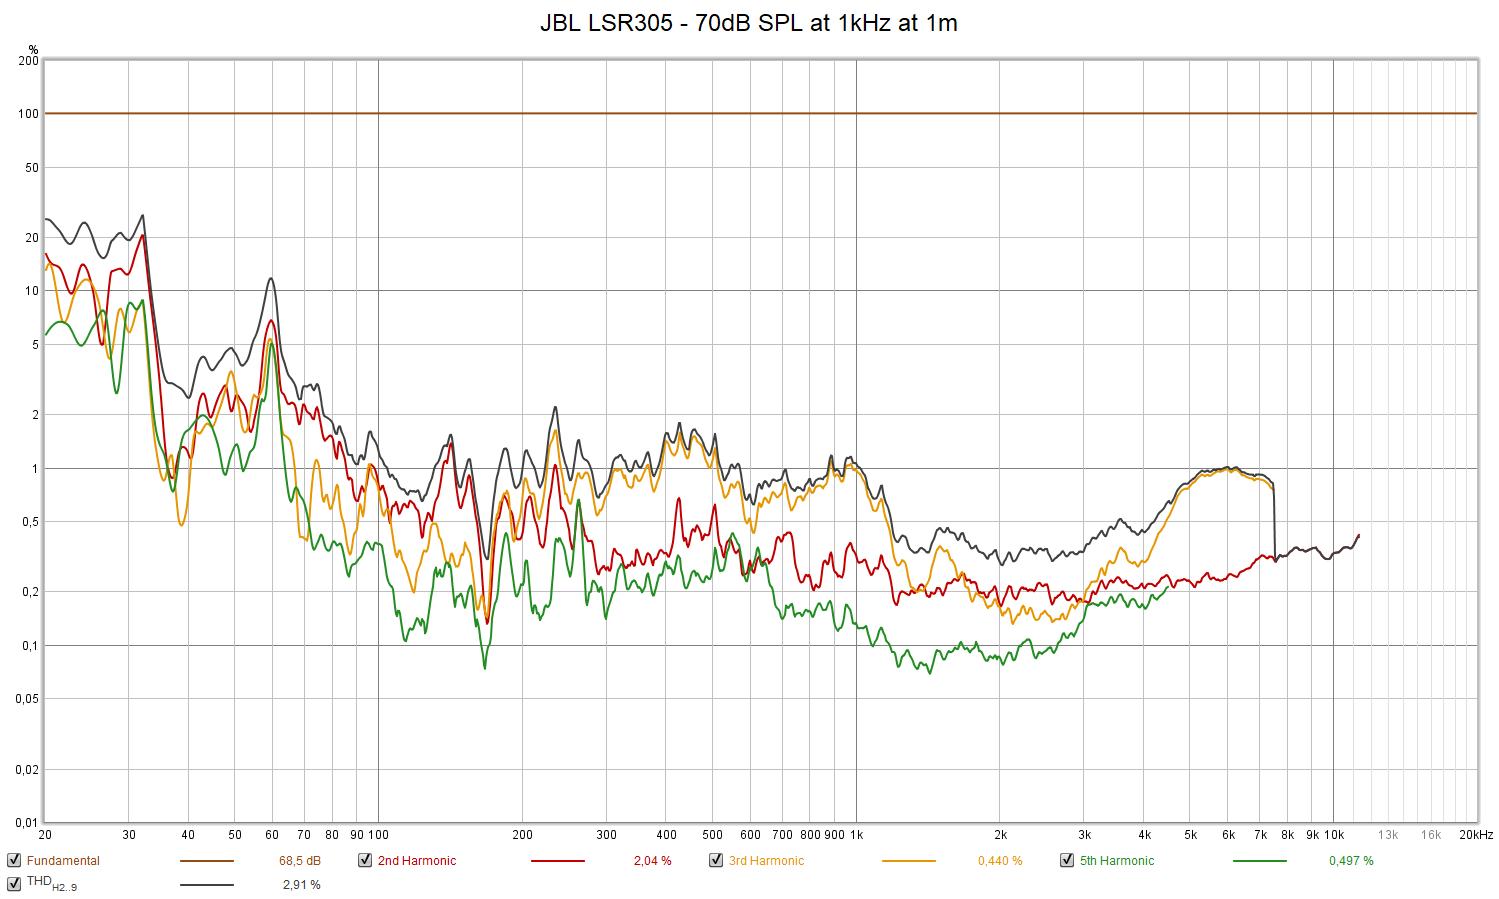 JBL LSR305 - 70dB SPL at 1kHz at 1m.png